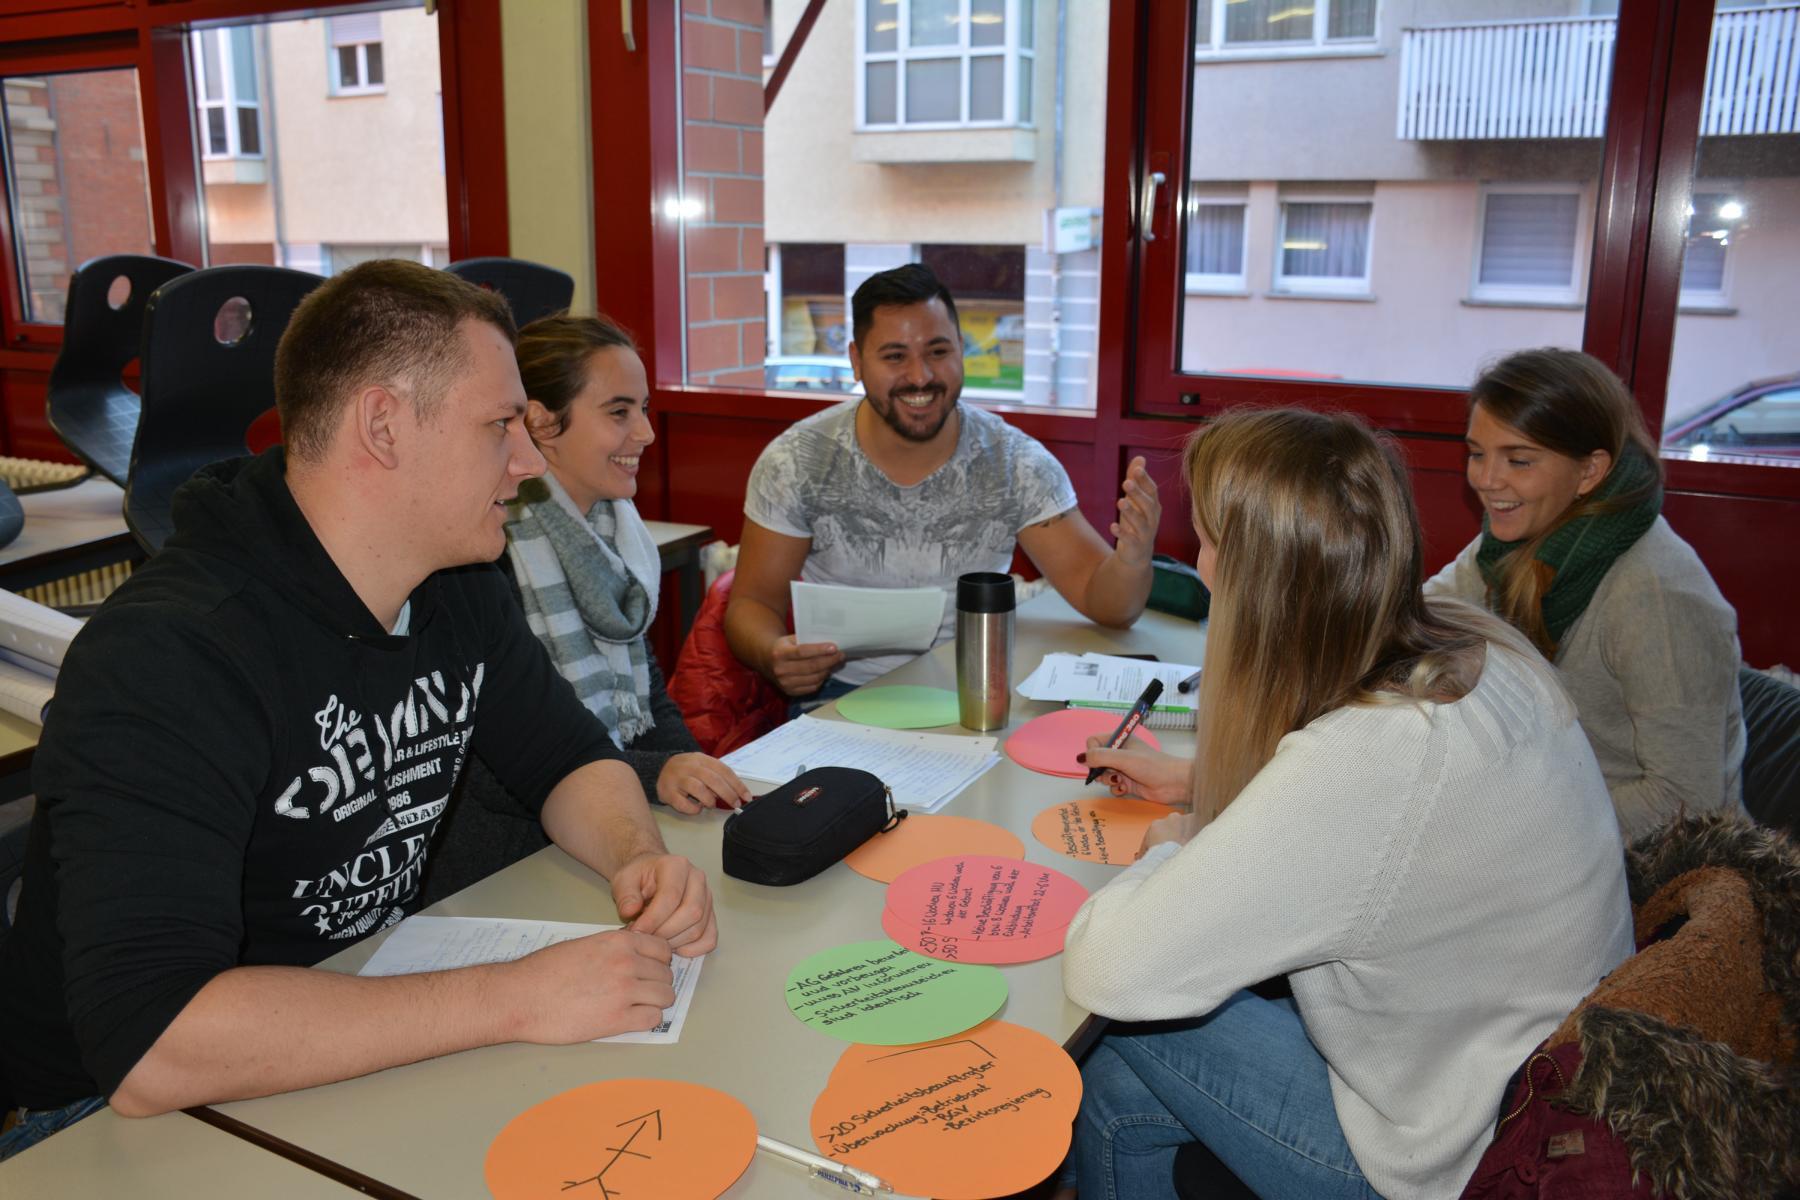 Proyecto con alumnos de la escuela KS1